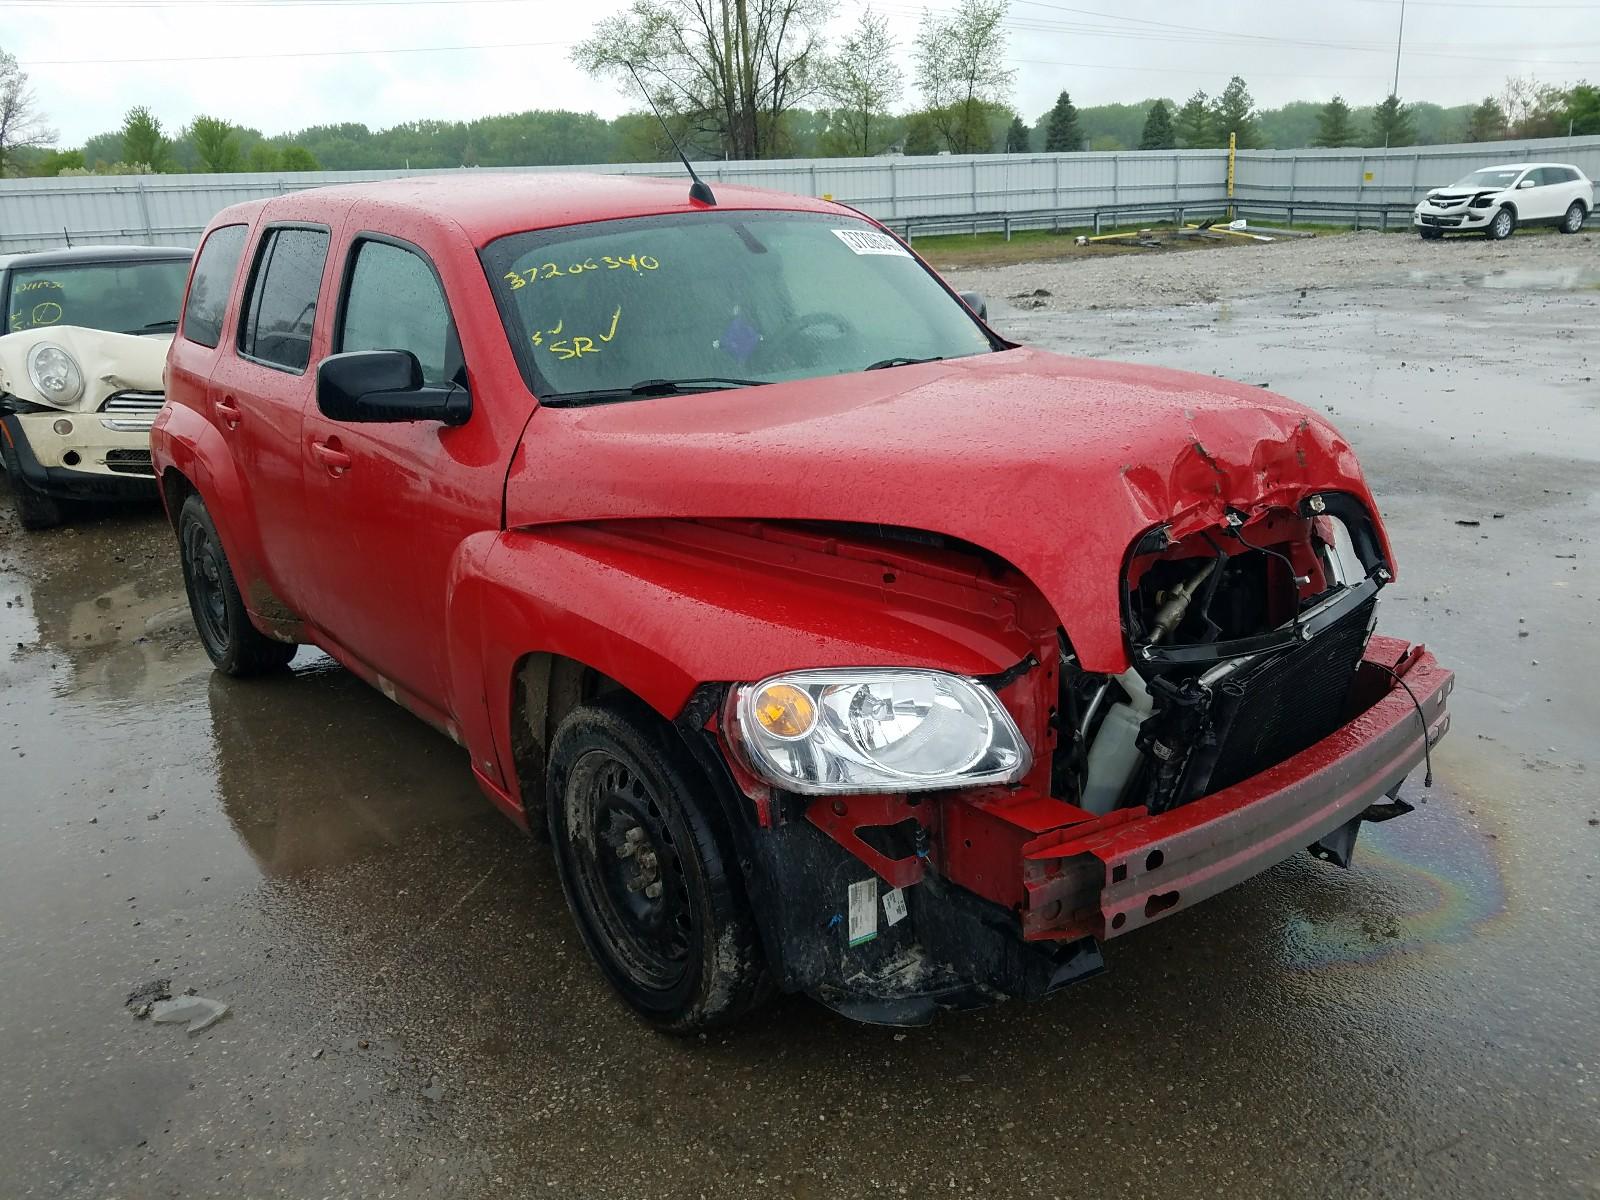 2010 Chevrolet Hhr Ls For Sale At Copart Des Moines Ia Lot